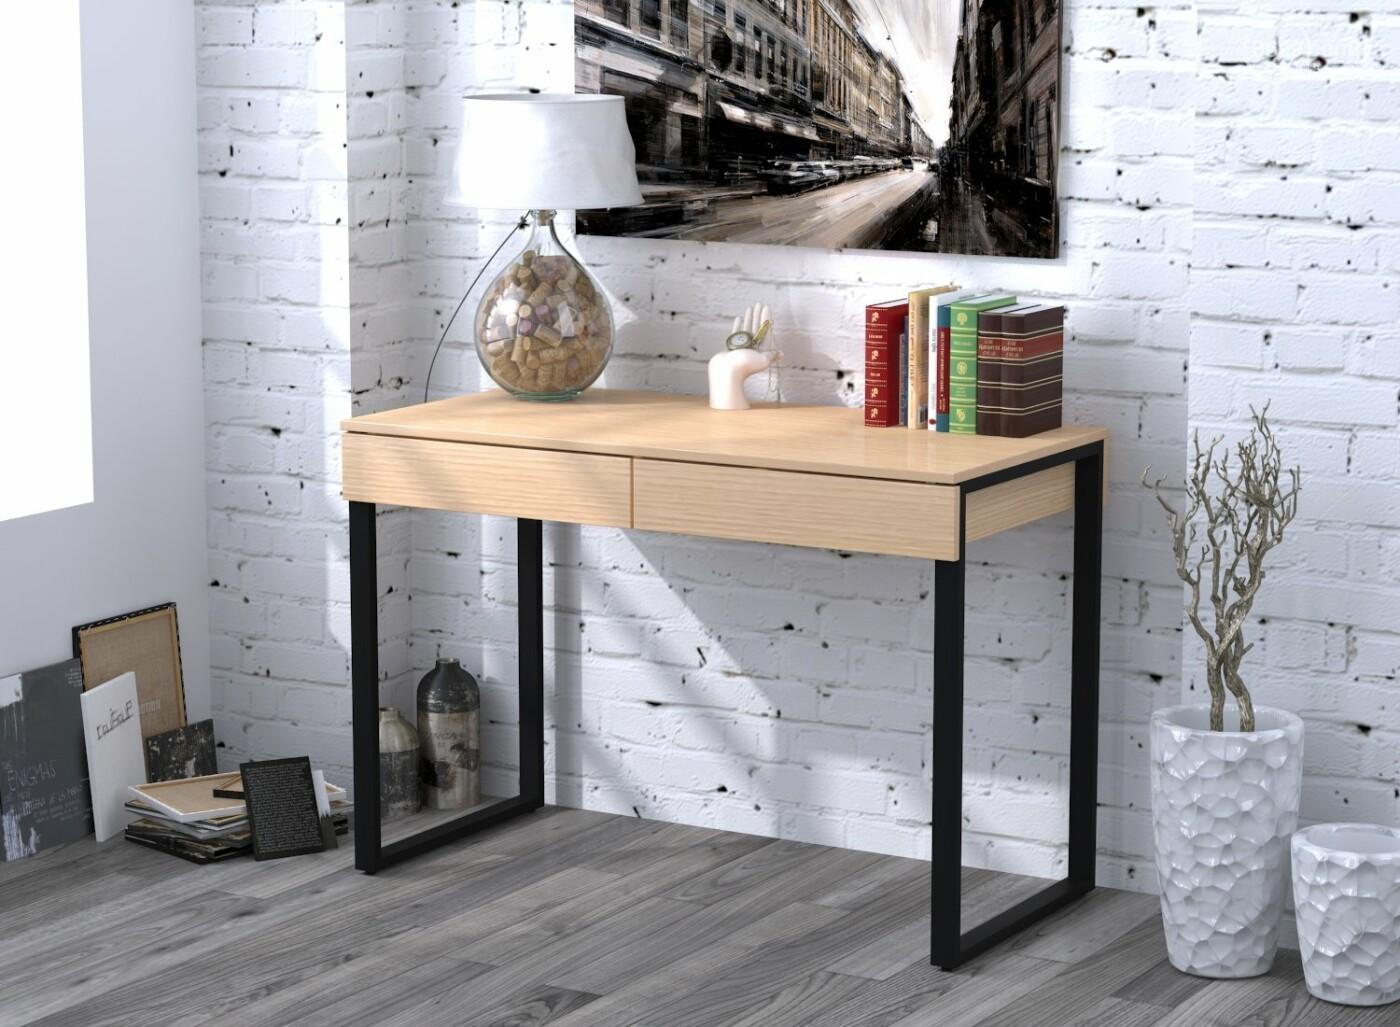 Компьютерный стол в интерьере. Как правильно выбрать модель?, фото-2